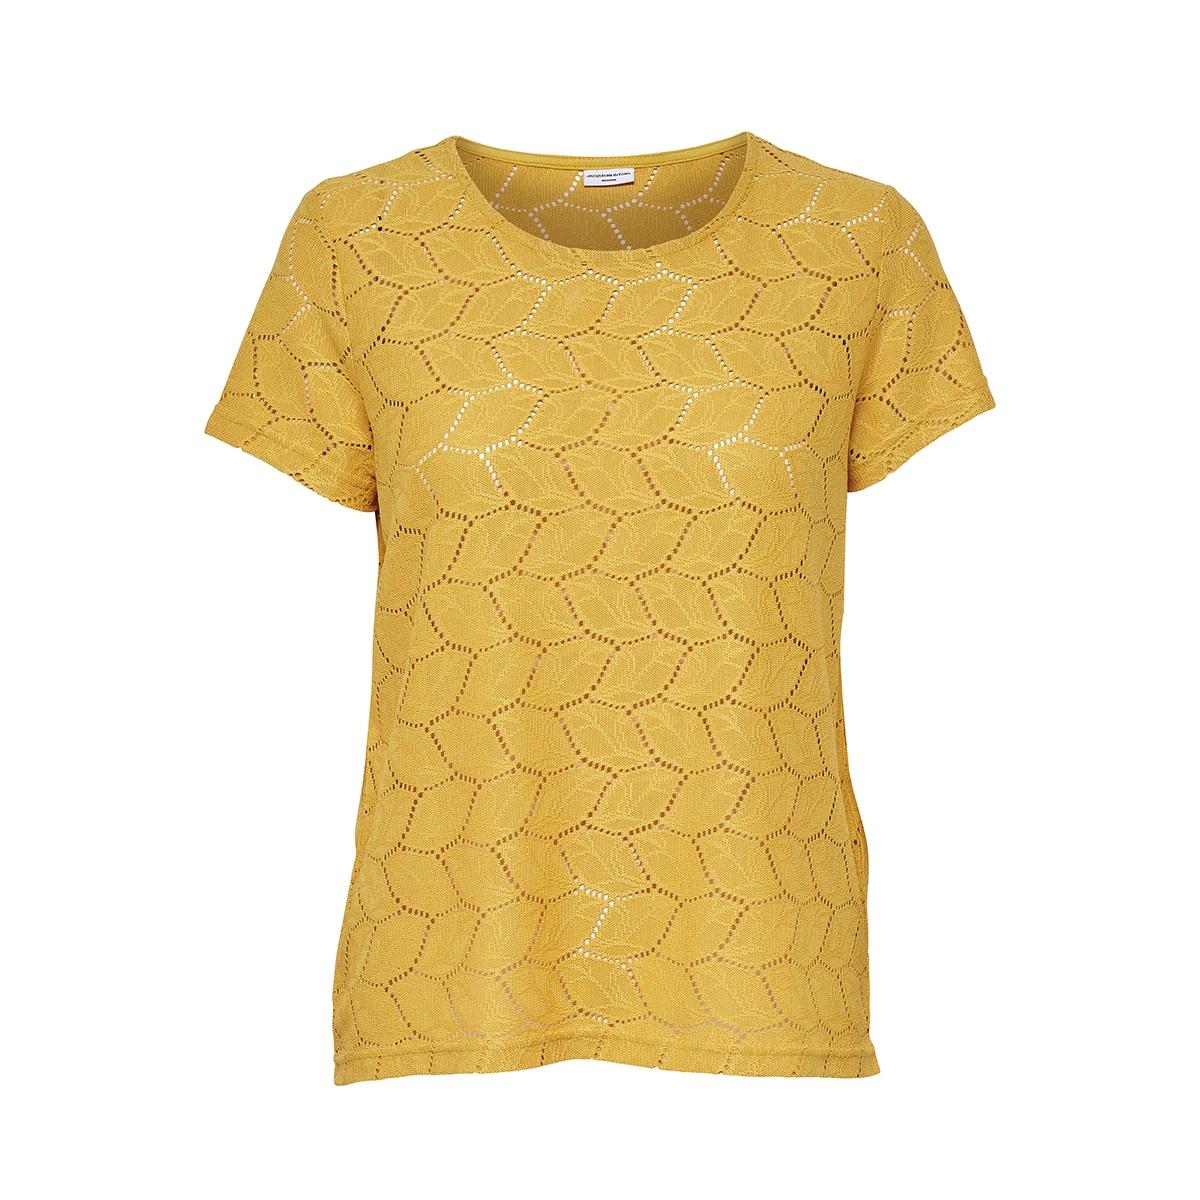 jdytag s/s lace top jrs rpt2 noos 15152331 jacqueline de yong t-shirt green sheen